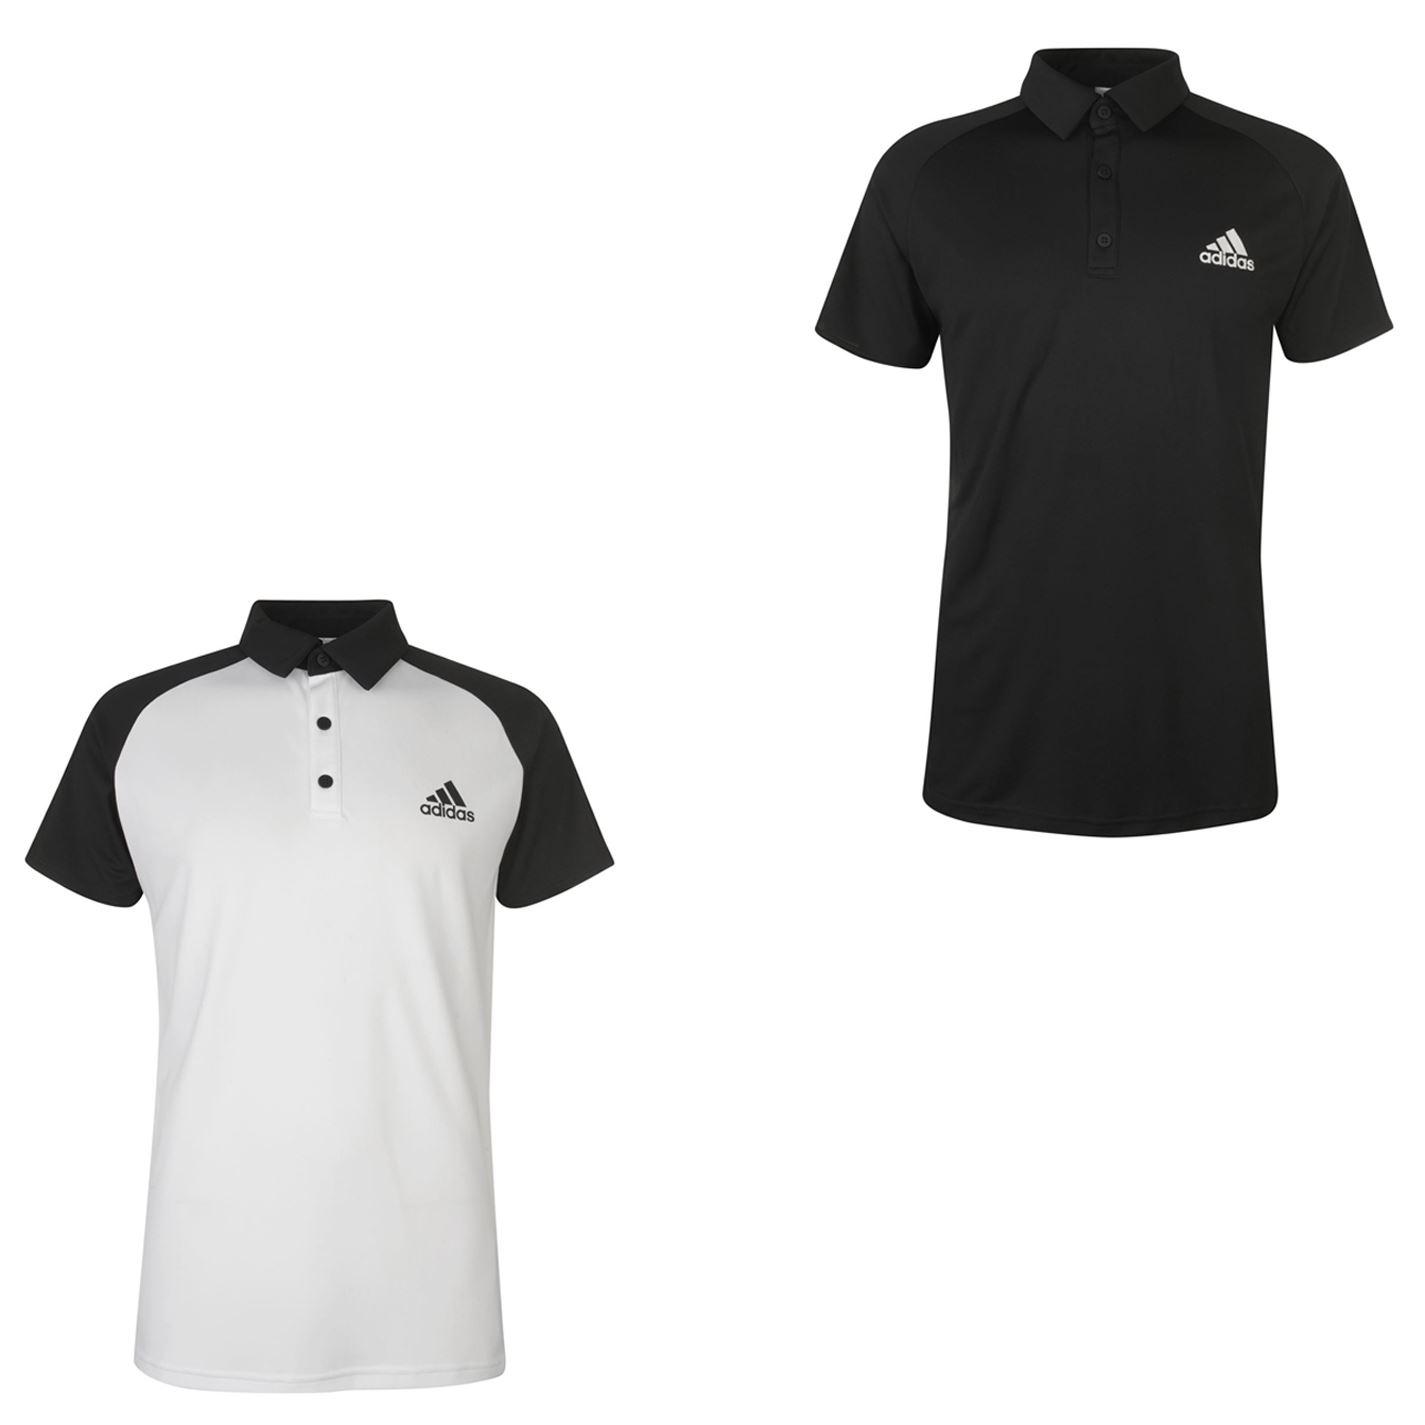 adidas polo shirt white